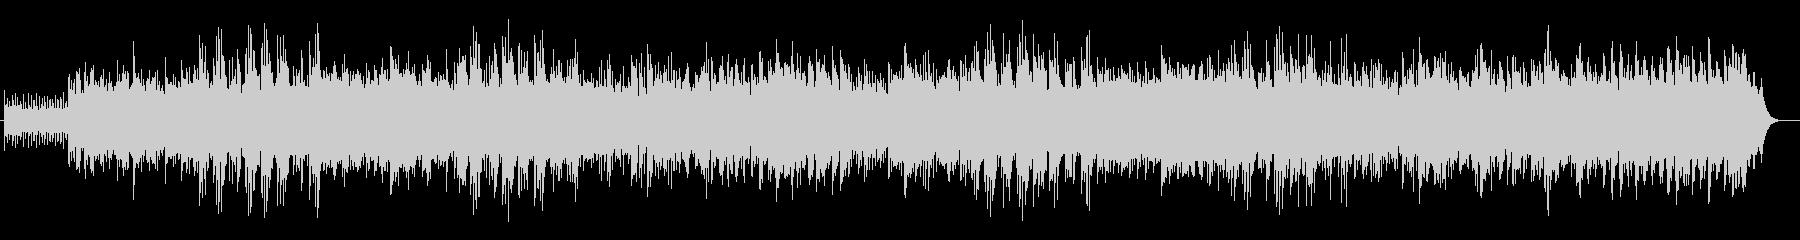 かわいらしいシンセ・木琴などのサウンドの未再生の波形